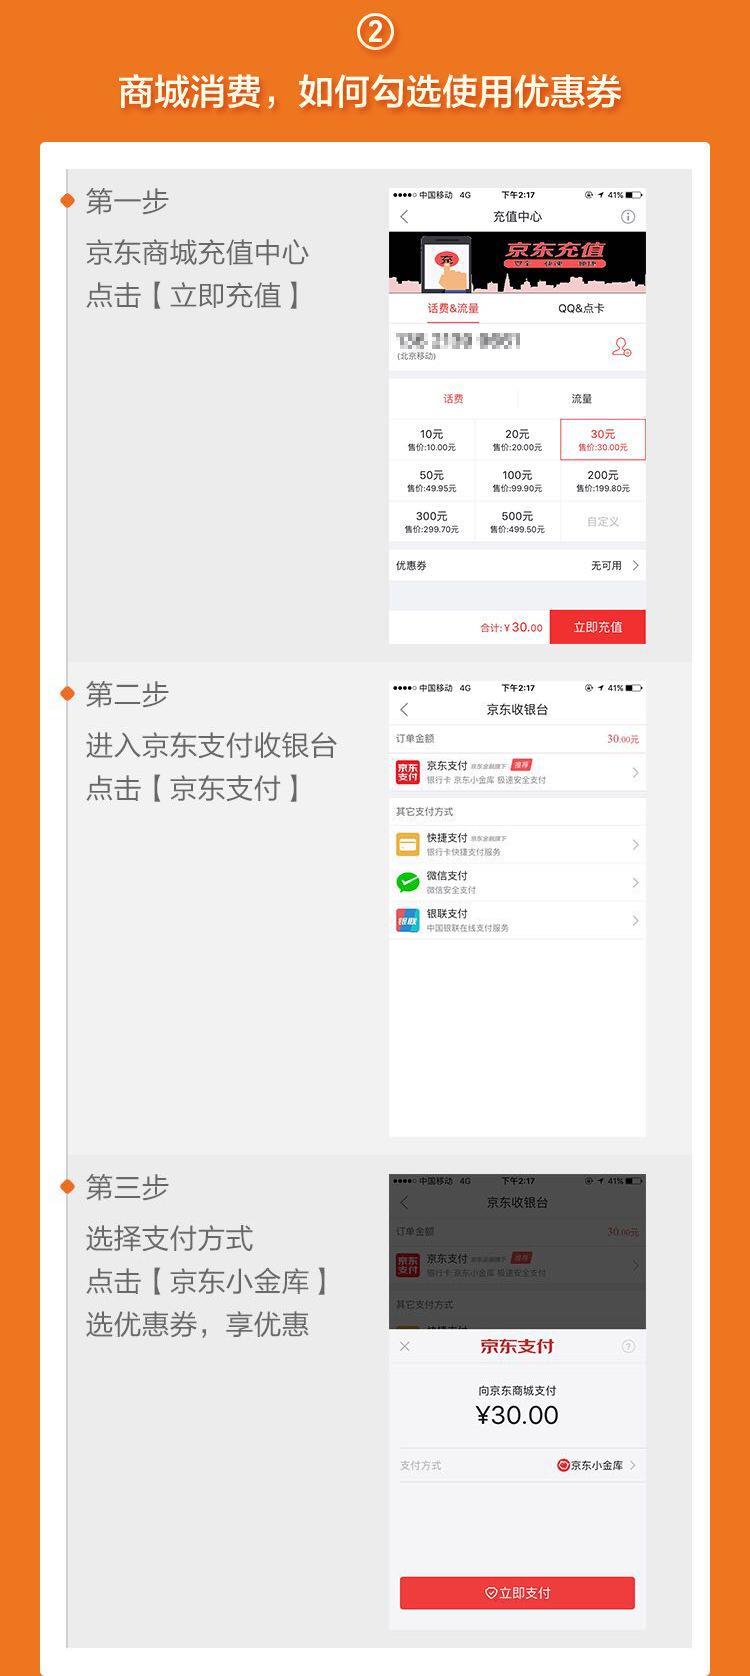 满30元可用京东5元话费券微信红包福利